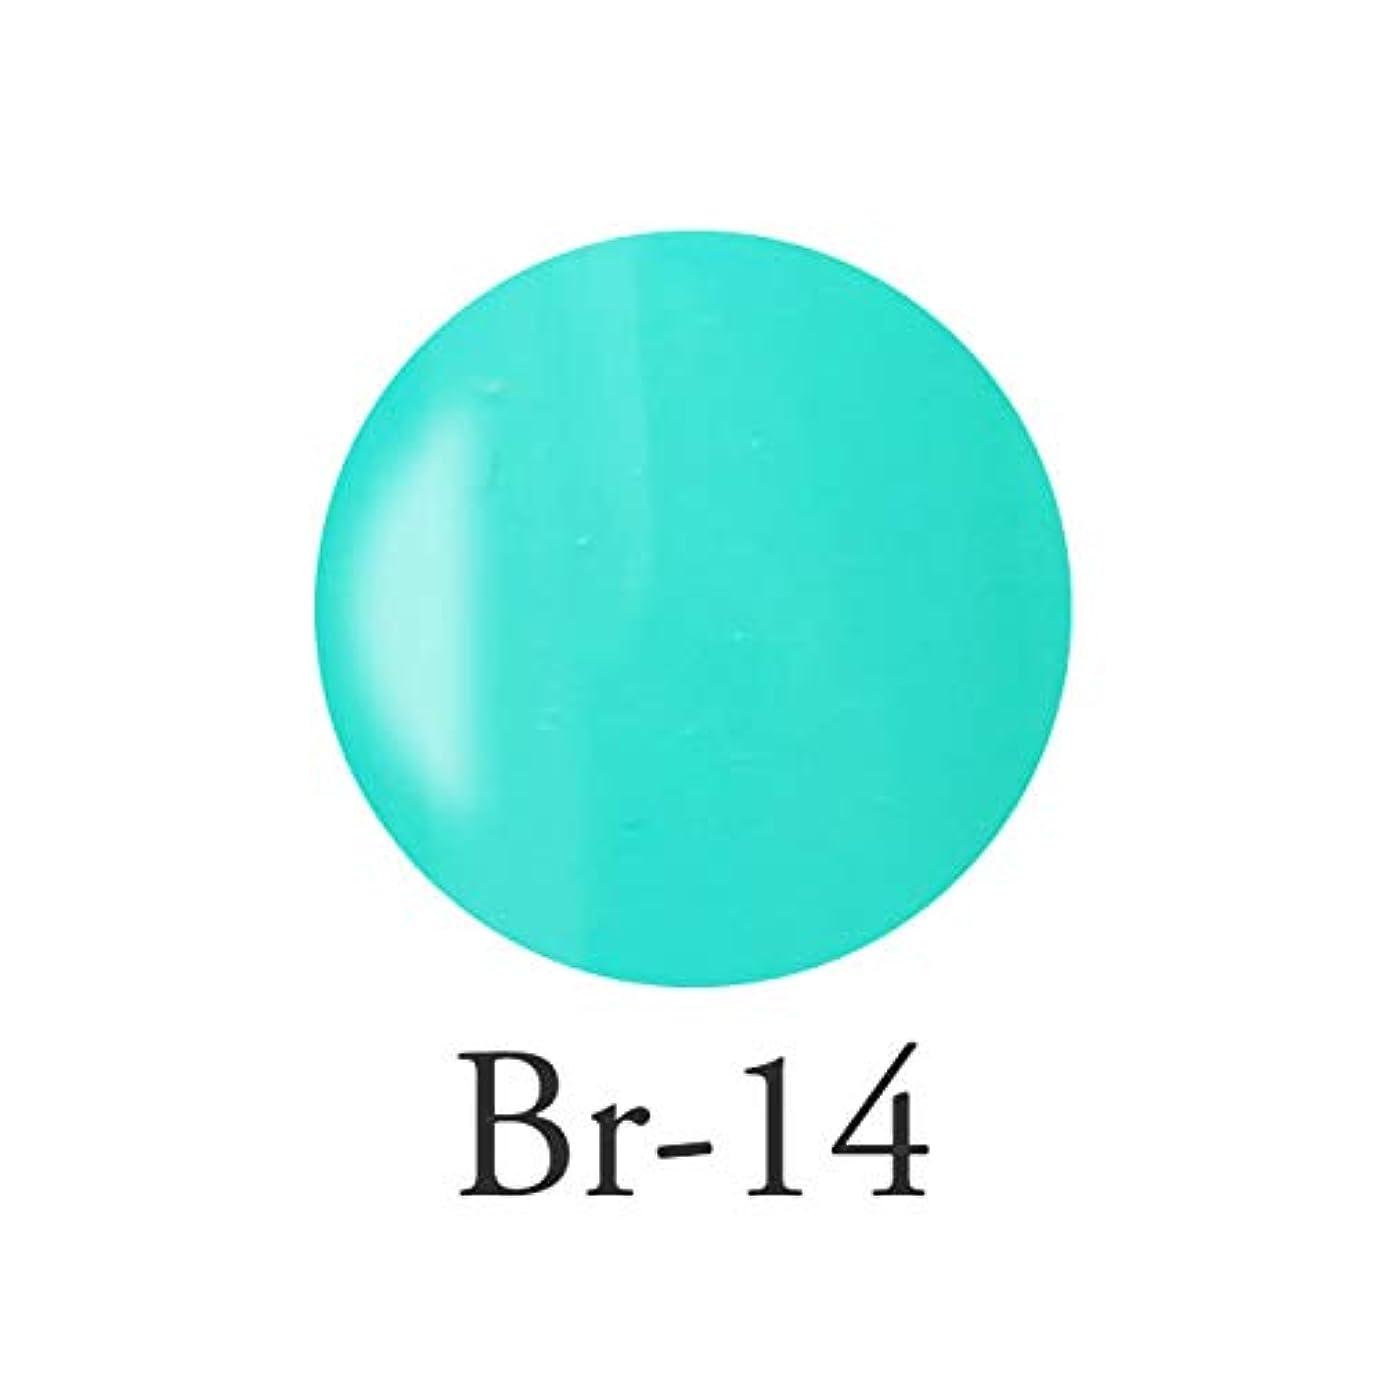 発言するはねかける天のエンジェル クィーンカラージェル フェリシテブルー Br-14 3g